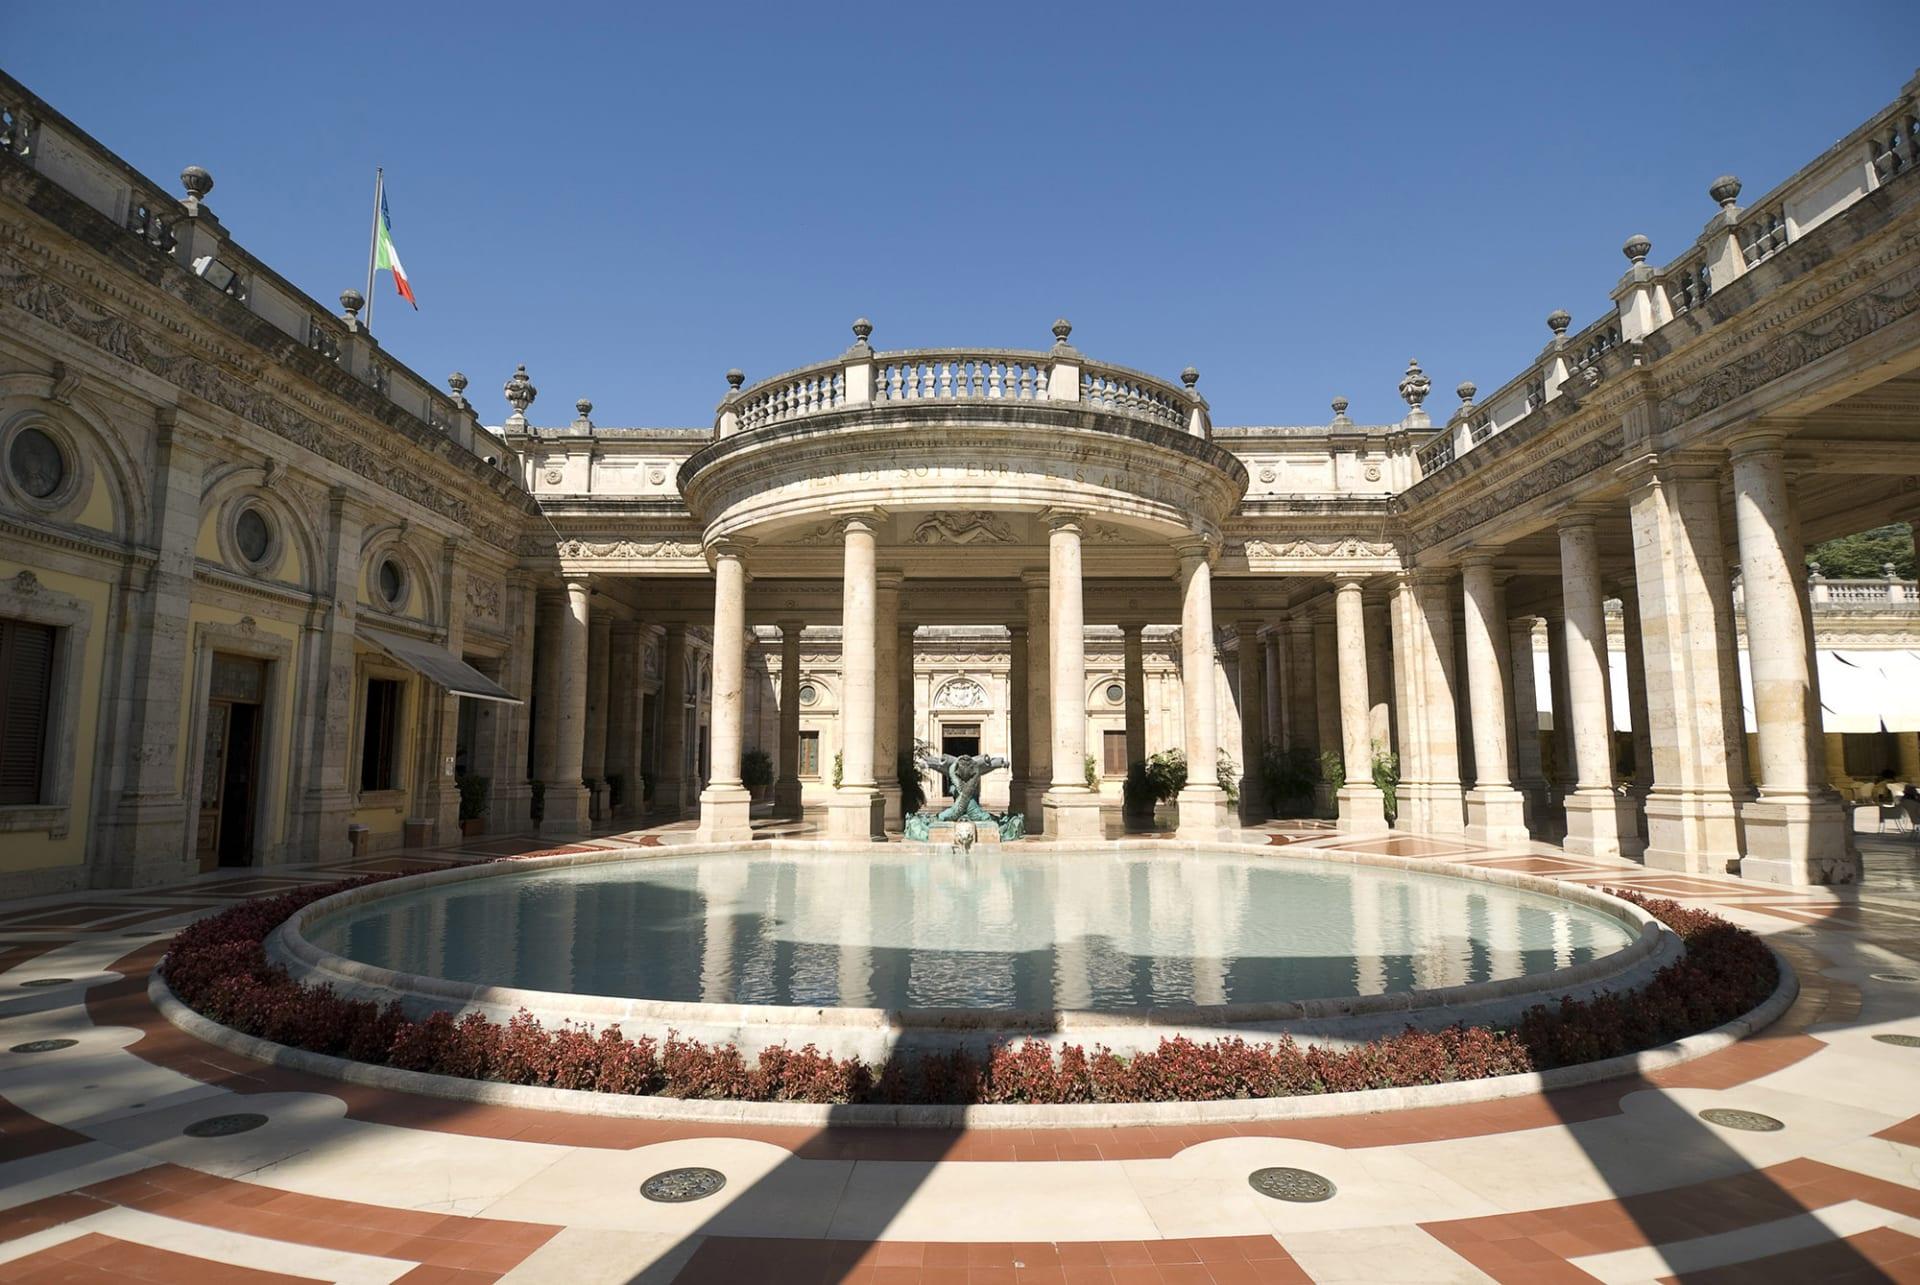 لعصر ما بعد الجائحة..إيطاليا لديها طريقة مبتكرة لمكافحة السياحة المفرطة